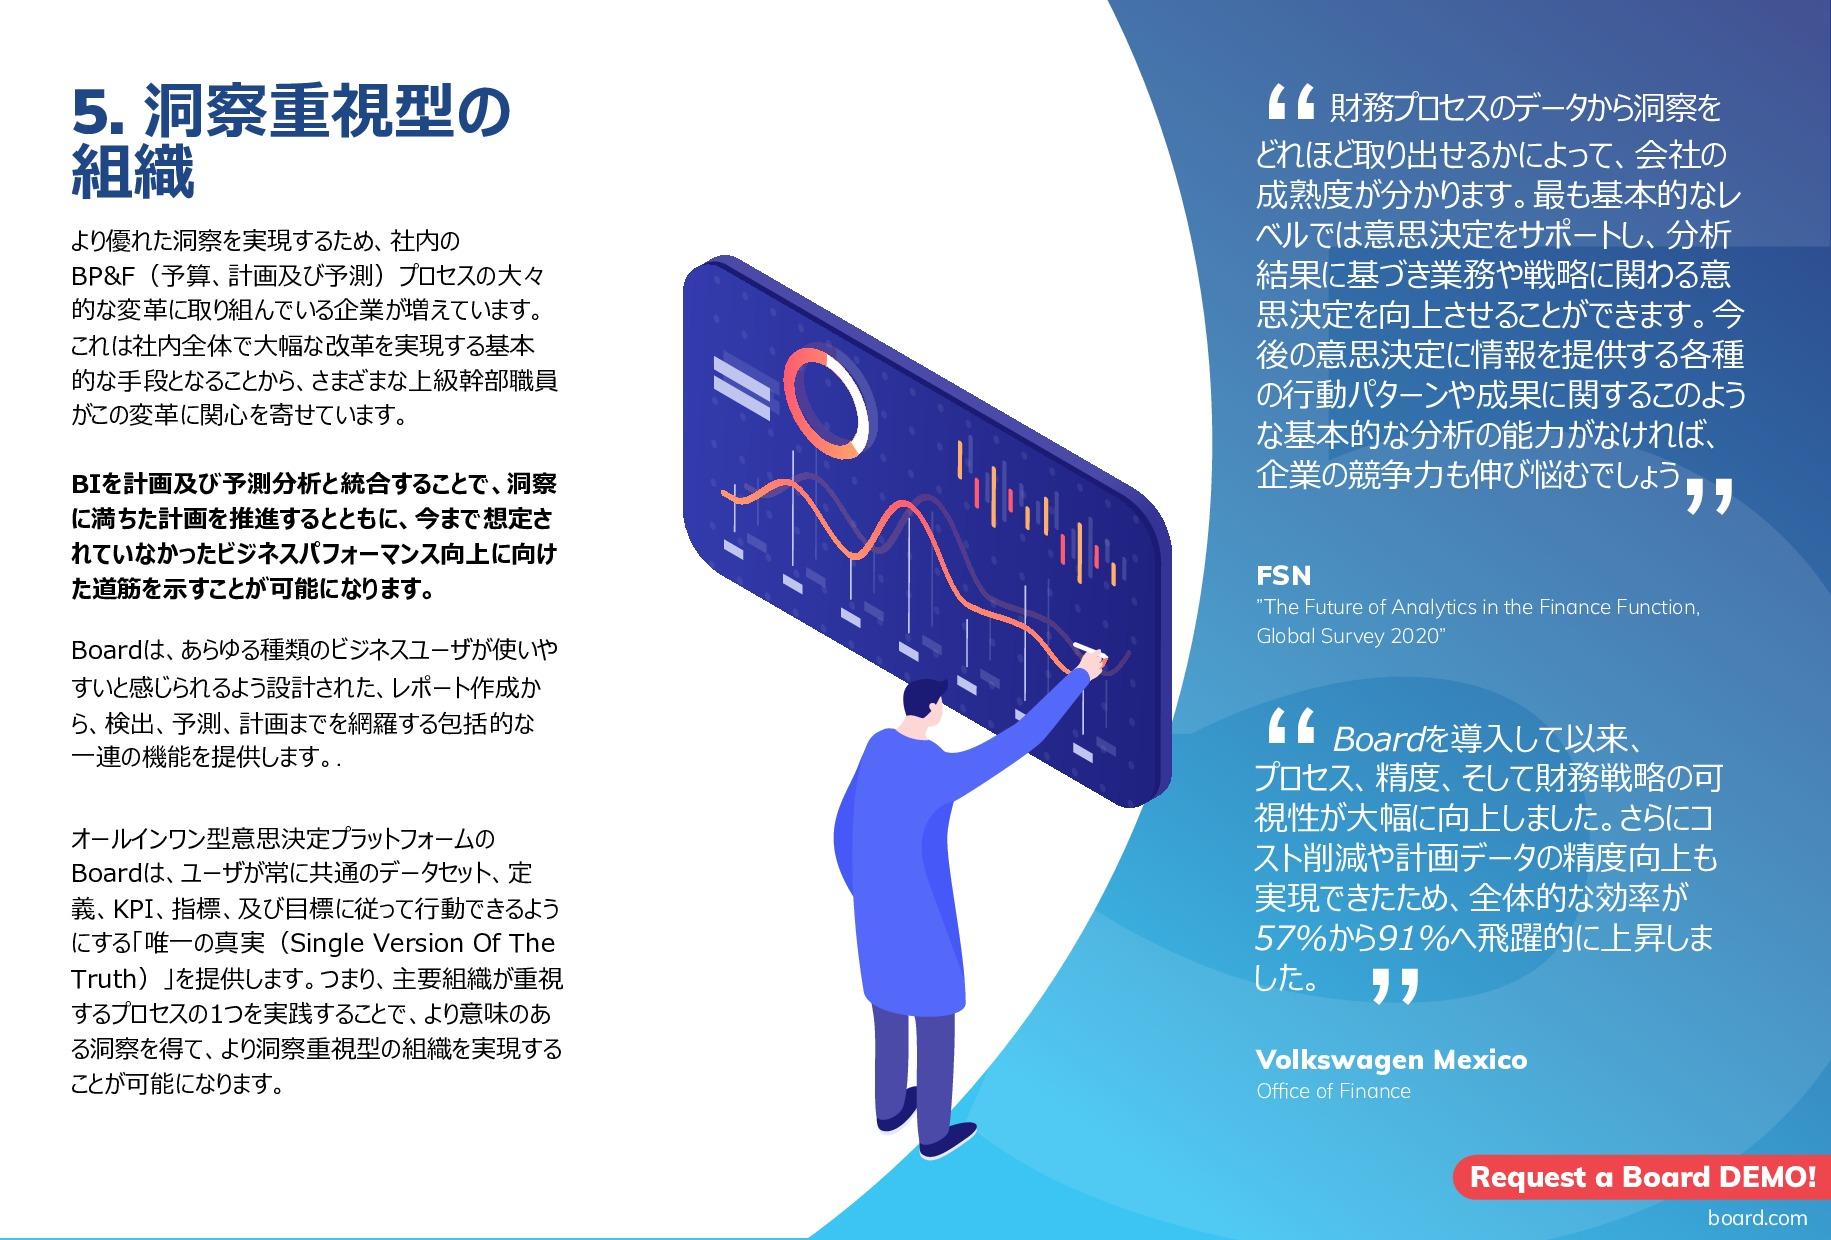 経営管理10の重要トレンドー予算、計画、予測   Page 7